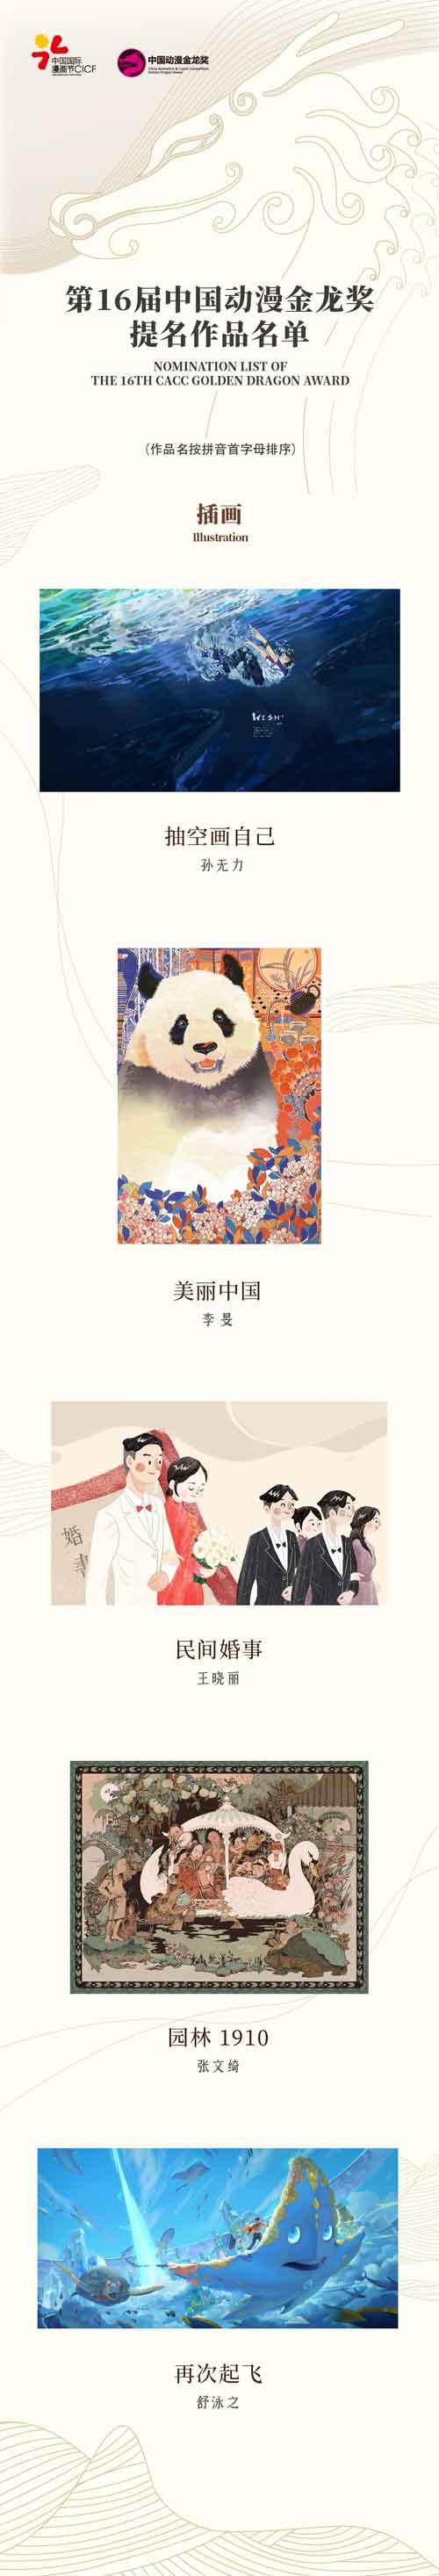 第16届中国动漫金龙奖提名名单揭晓! 原创专区-第3张